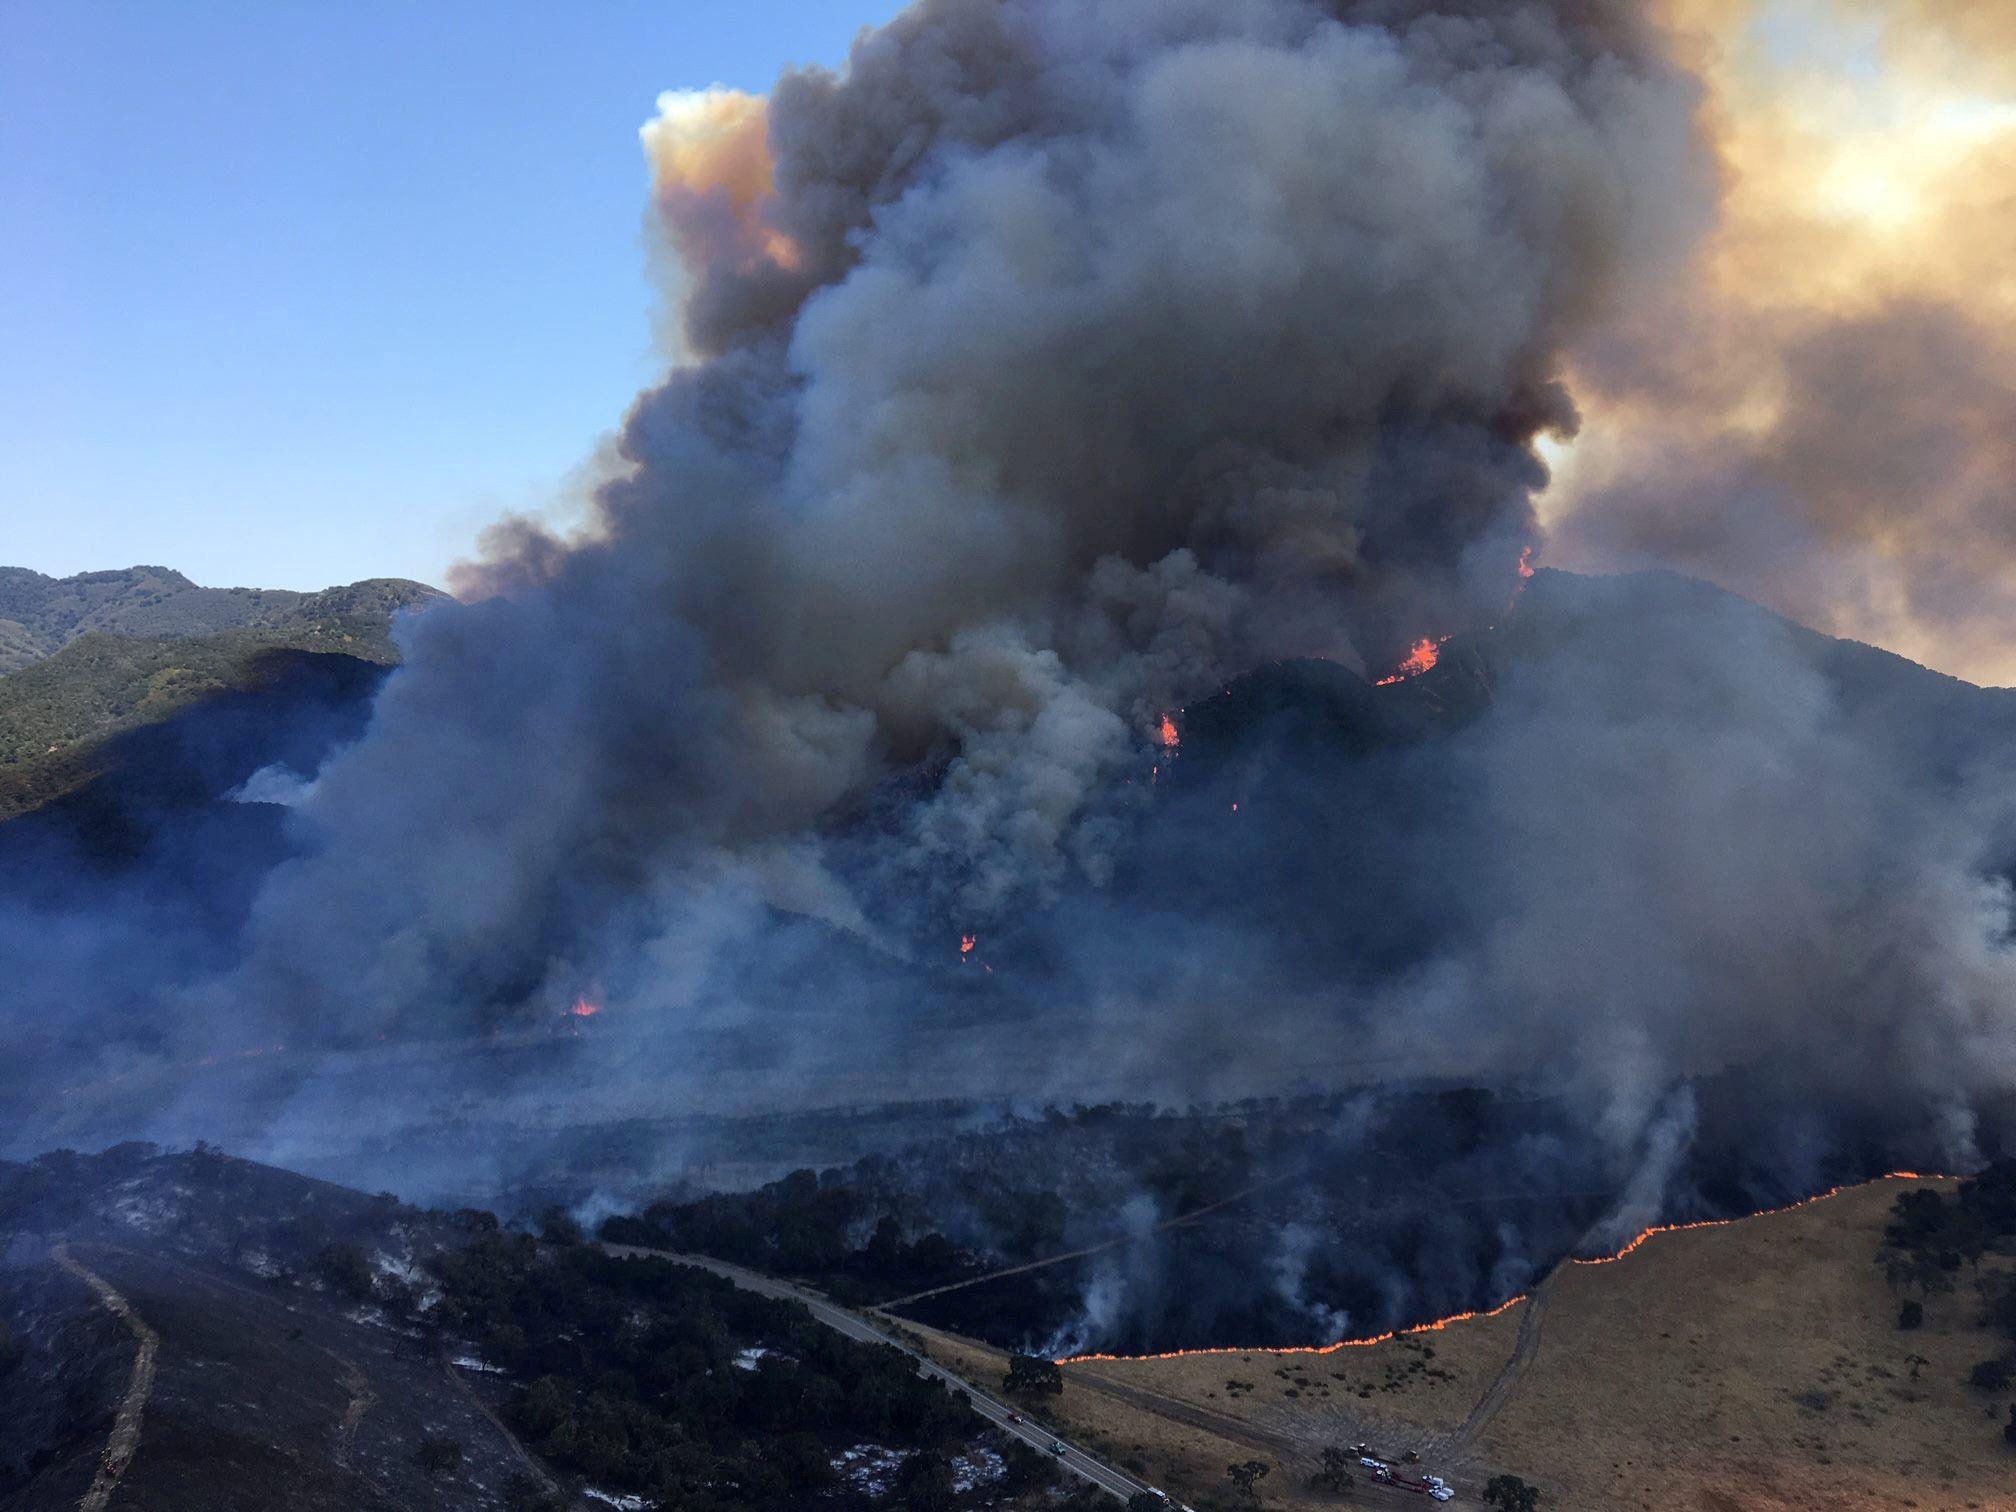 Внаслідок пожежі у Каліфорнії було евакуйовано близько 8 тисяч людей / REUTERS